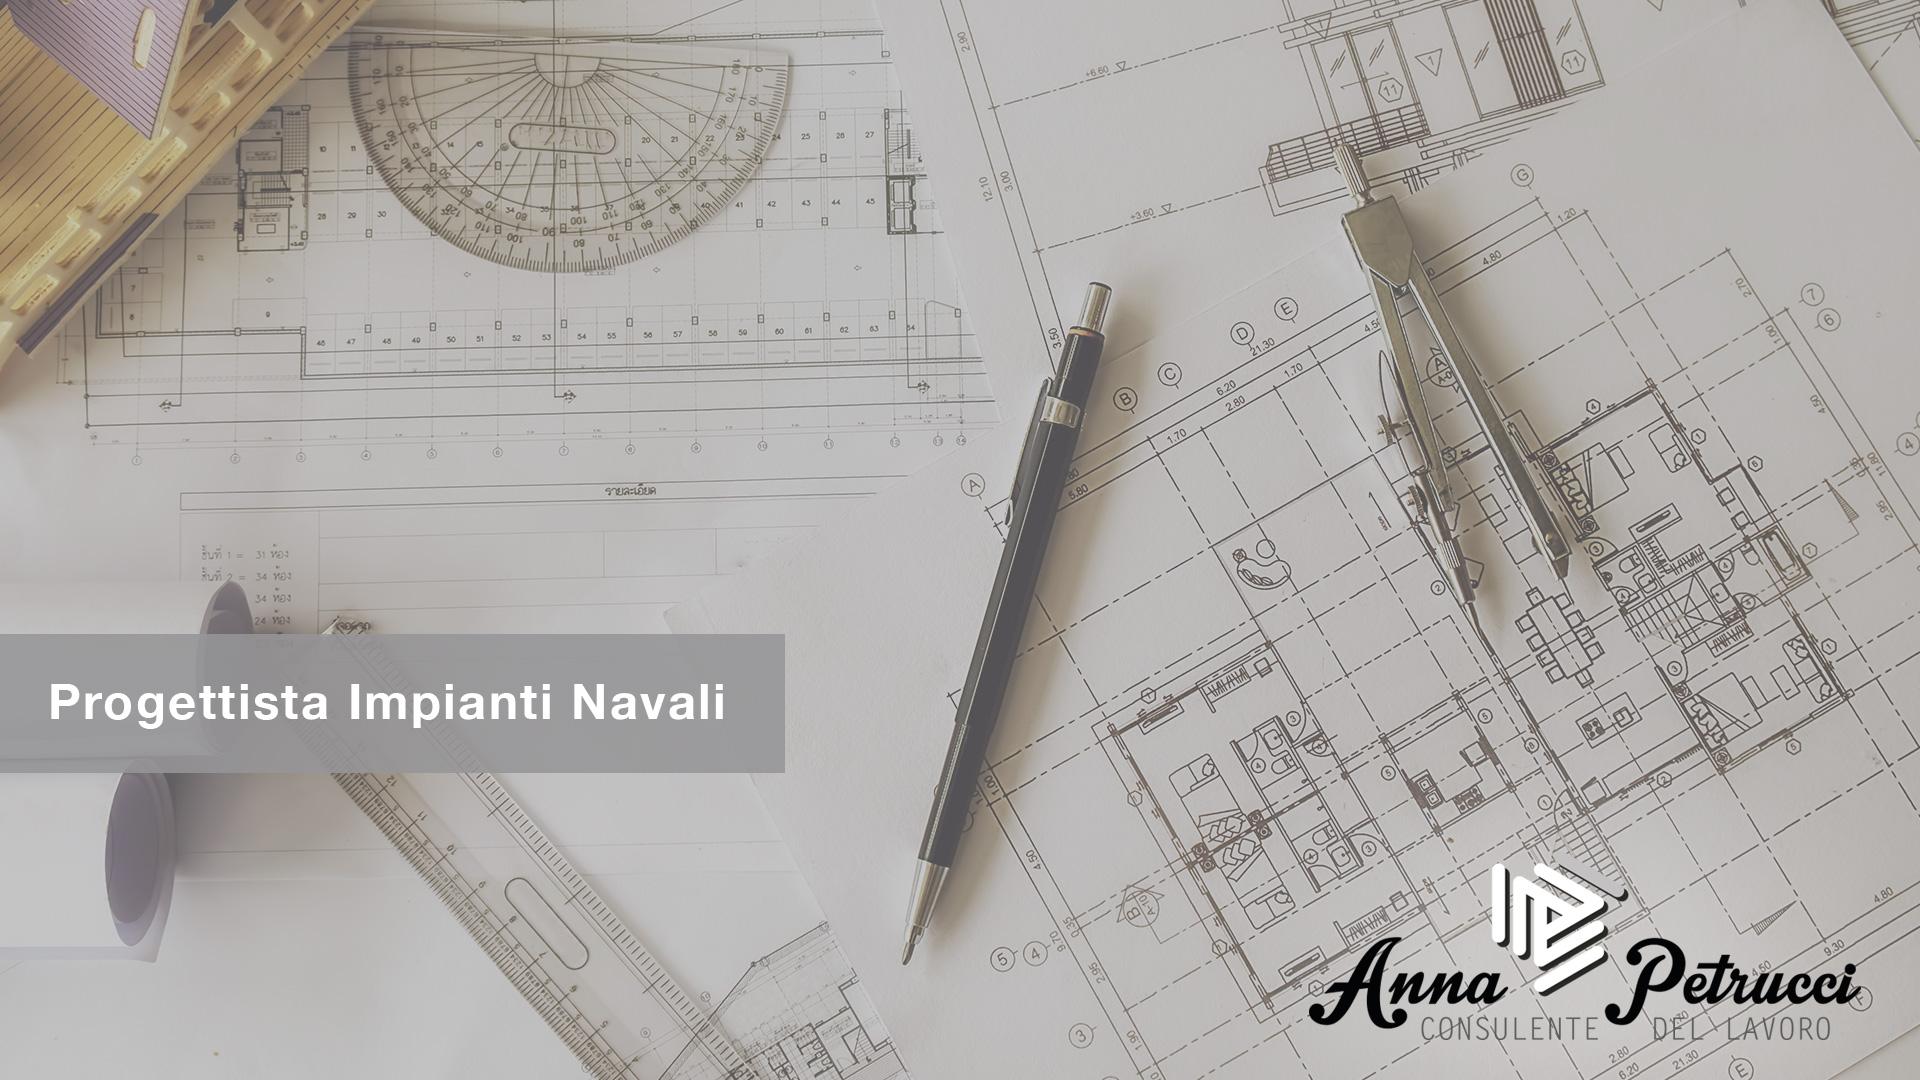 Schemi Elettrici Navali : Staff autore a studio petrucci anna